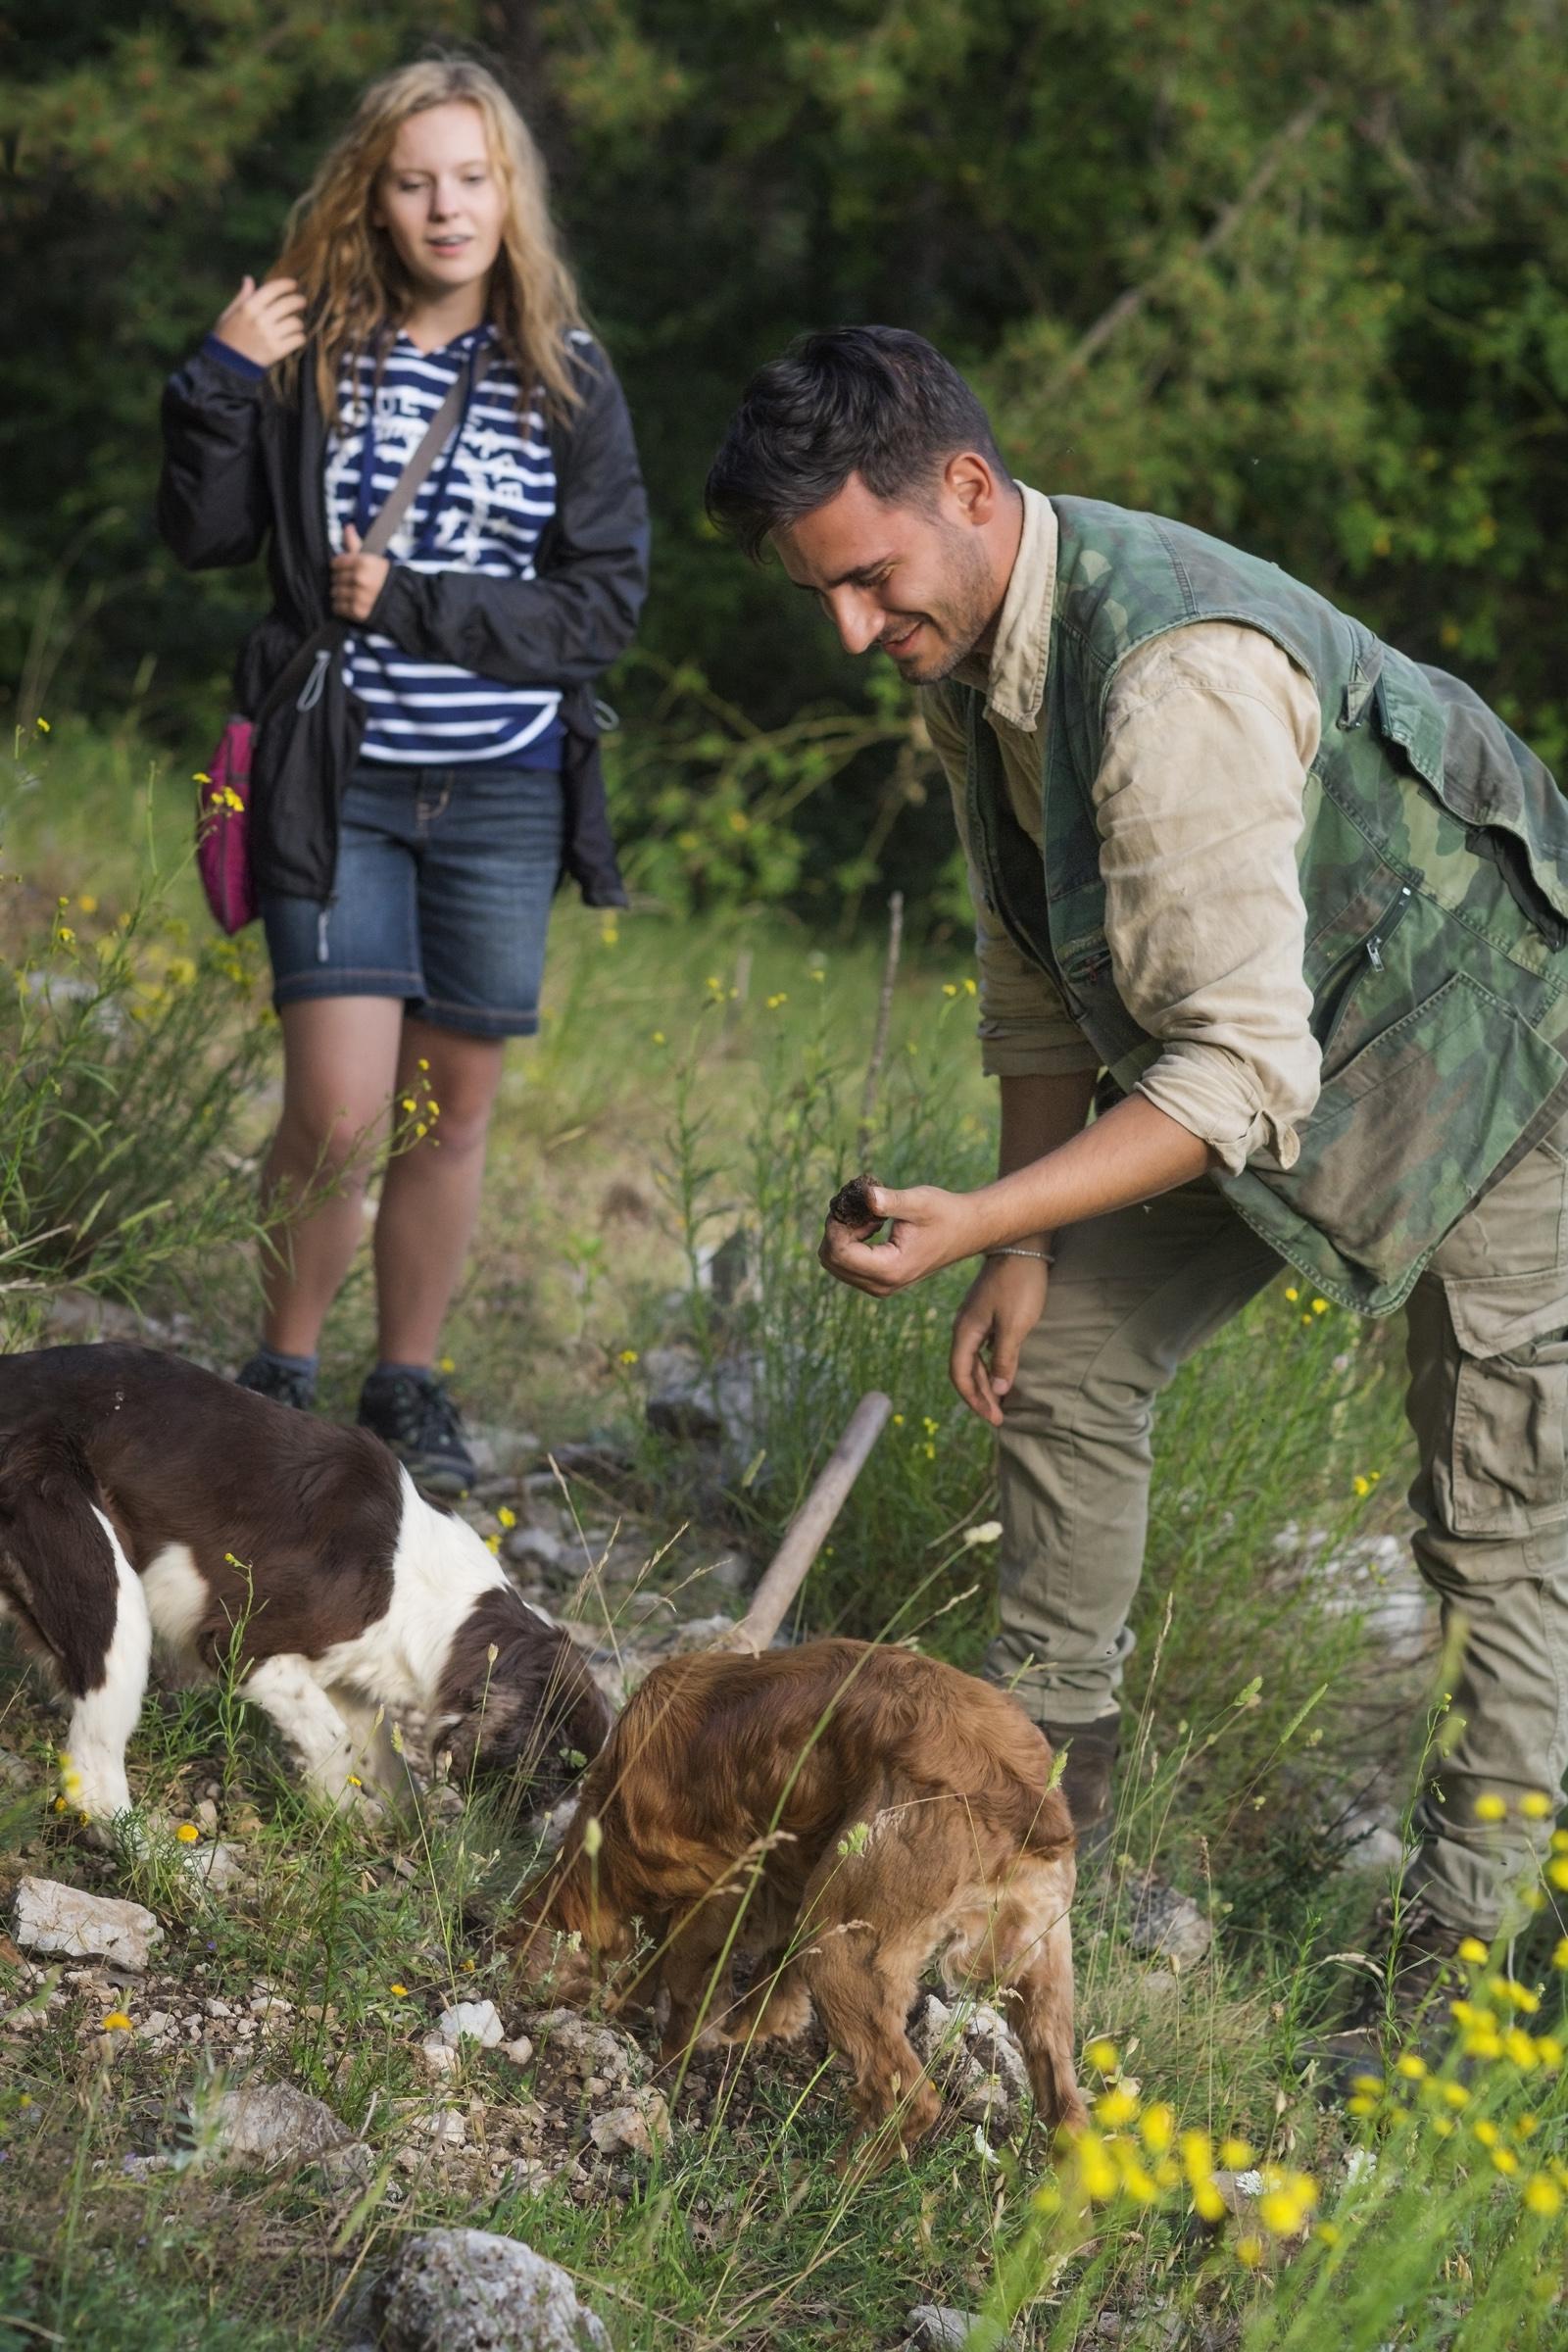 Mely kutyafajták a legjobb szarvasgombászok? Hogy lehet ebből megélni?